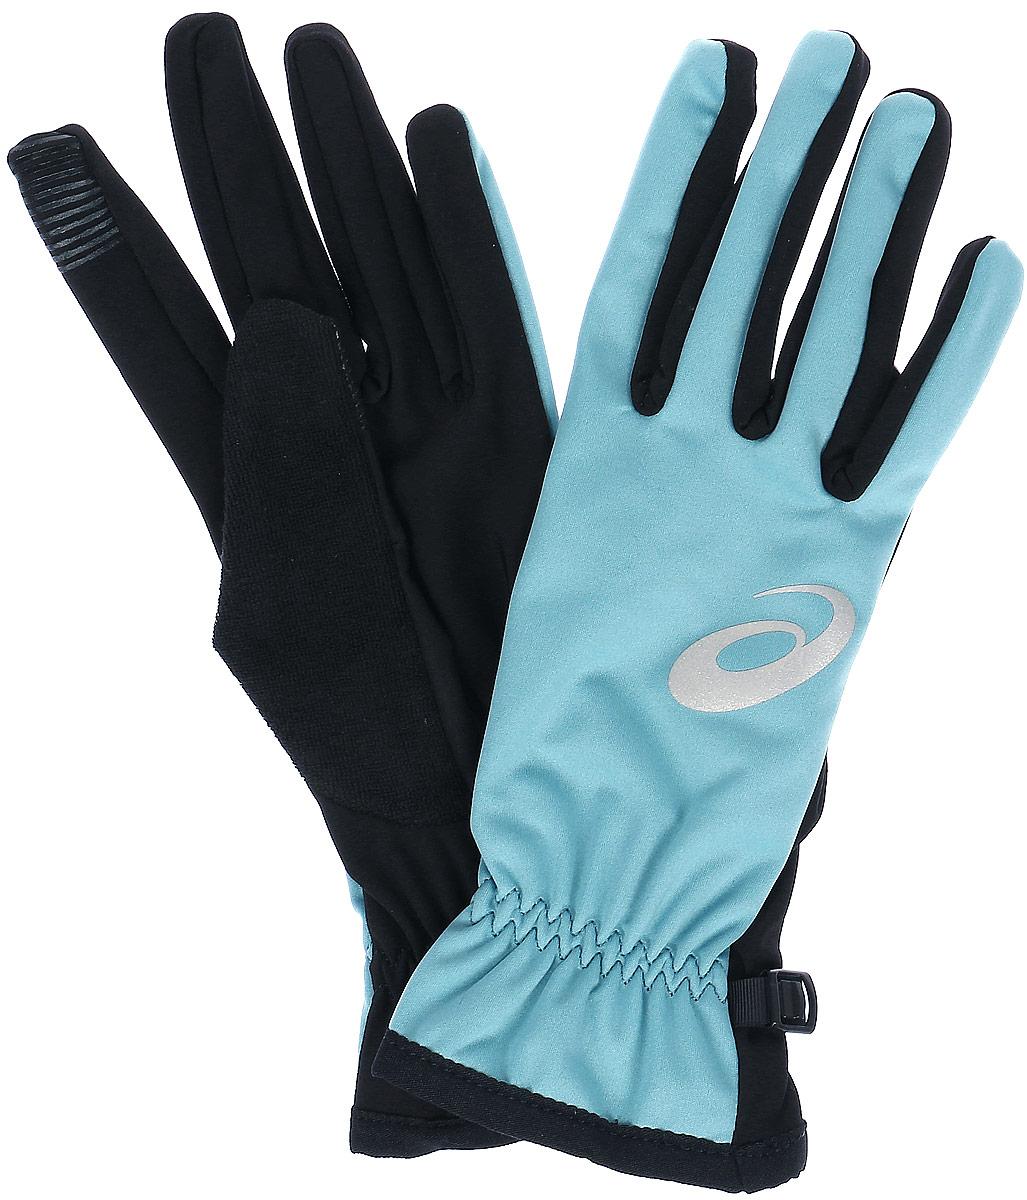 Перчатки134926-0904Спортивные перчатки для бега Asics выполнены из полиэстера и эластана. Снаружи модель оформлена принтом с изображением логотипа бренда. Перчатки дополнены эластичными резинками, которые надежно зафиксируют модель на запястье, не сдавливая его. Также перчатки оснащены застежкой-фастексом.